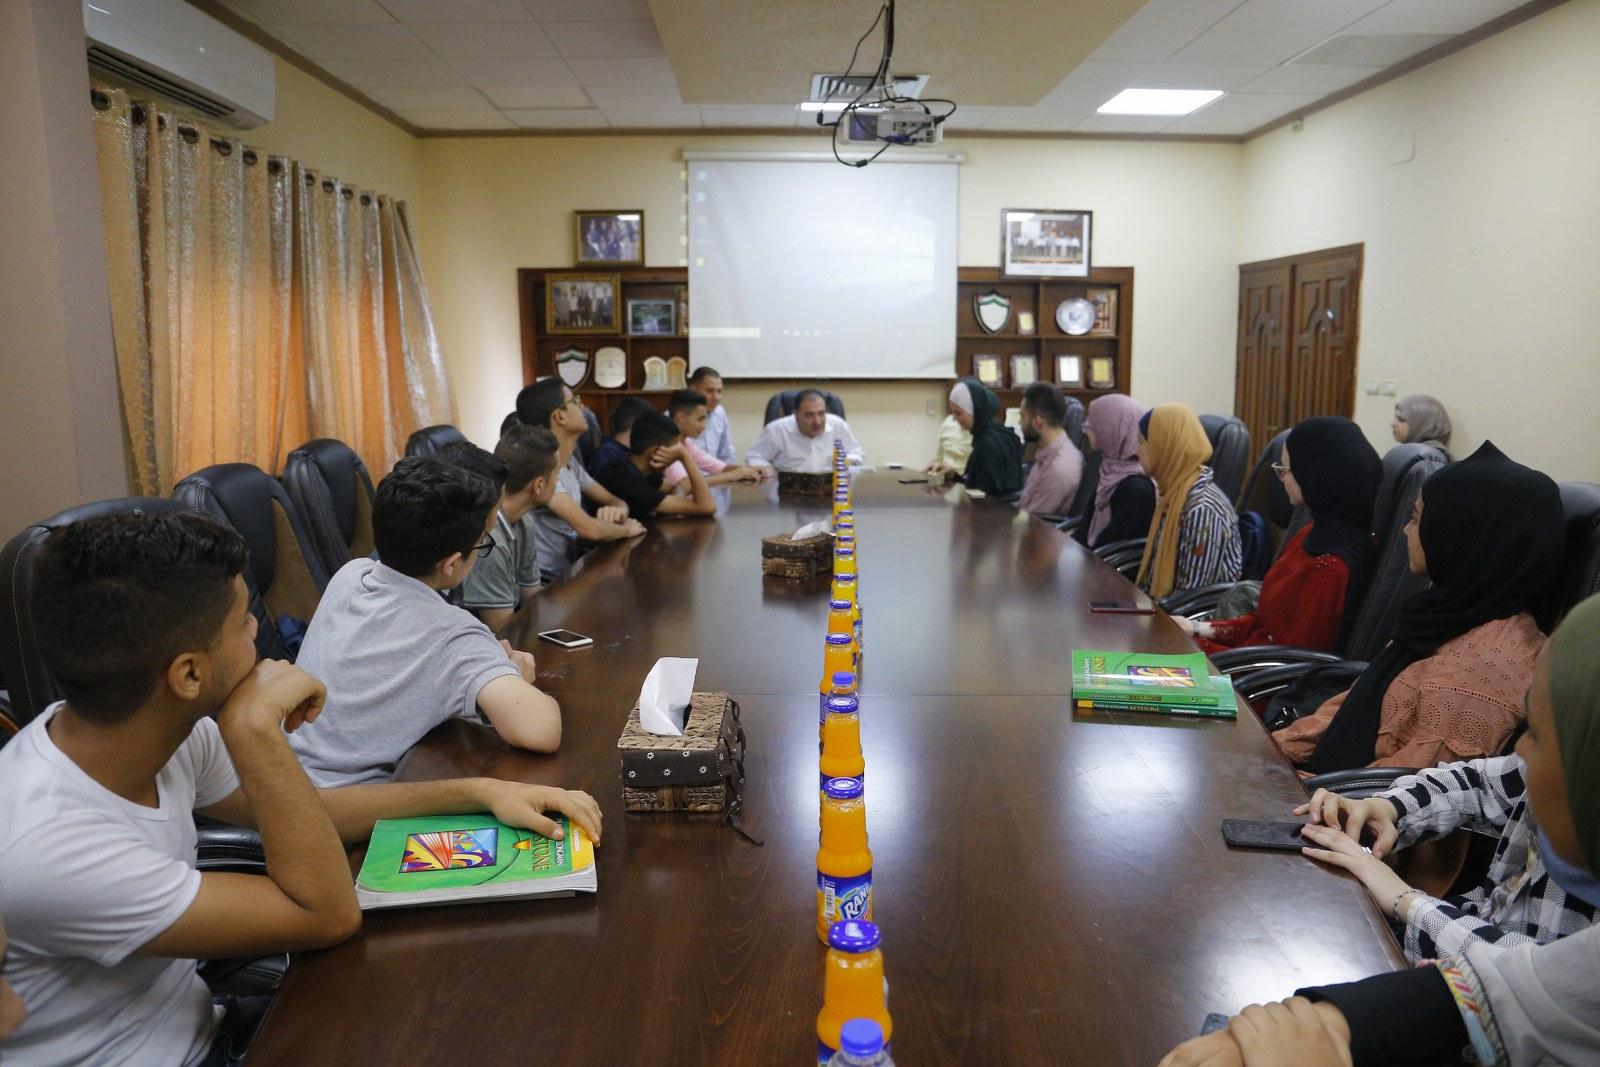 رئيس البلدية يستقبل وفدا من طلاب برنامج العمل التطوعي المجتمعي